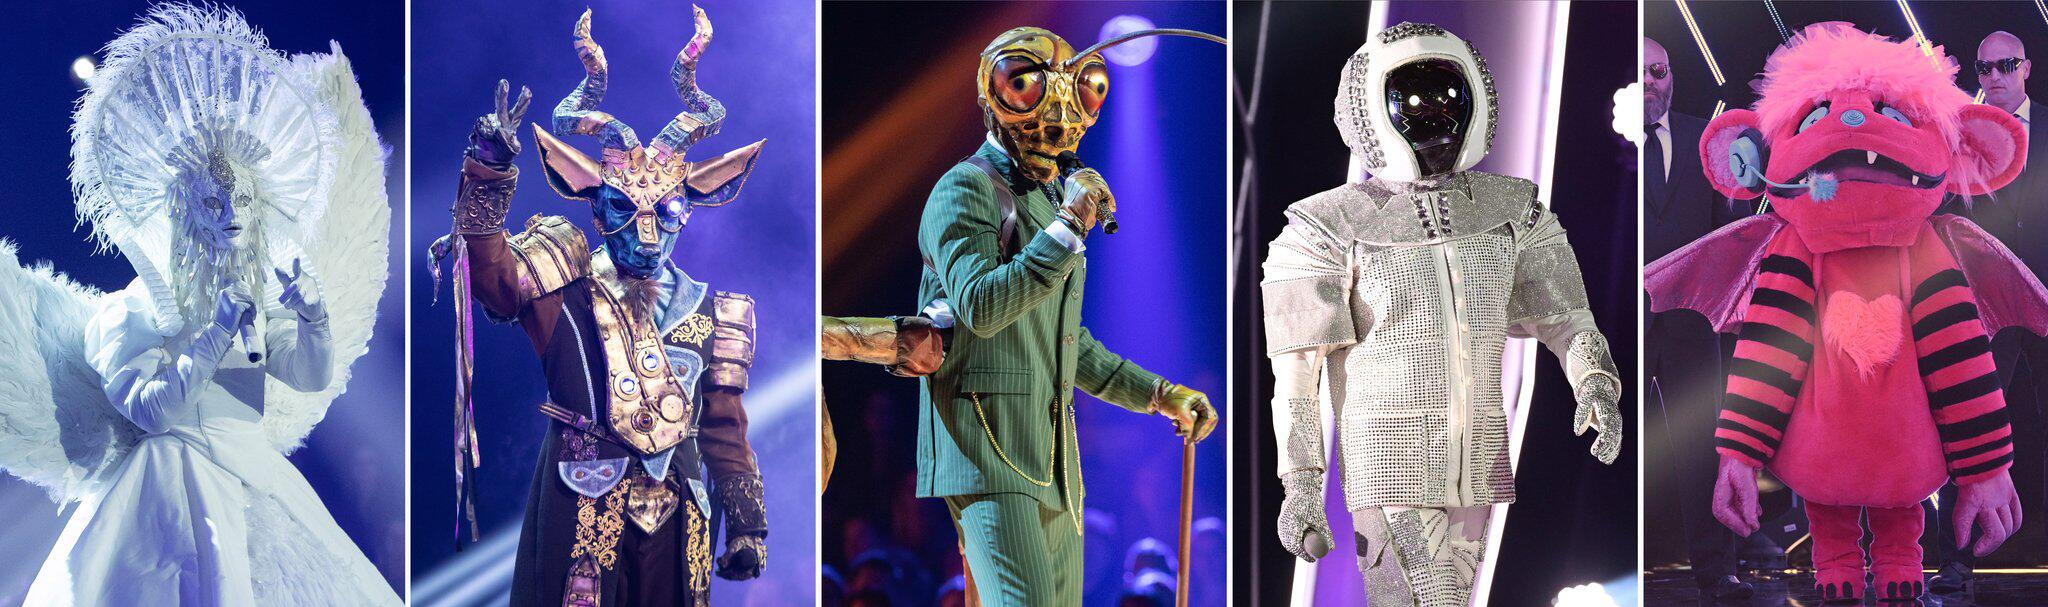 """Bild zu ProSieben-Show """"The Masked Singer"""""""